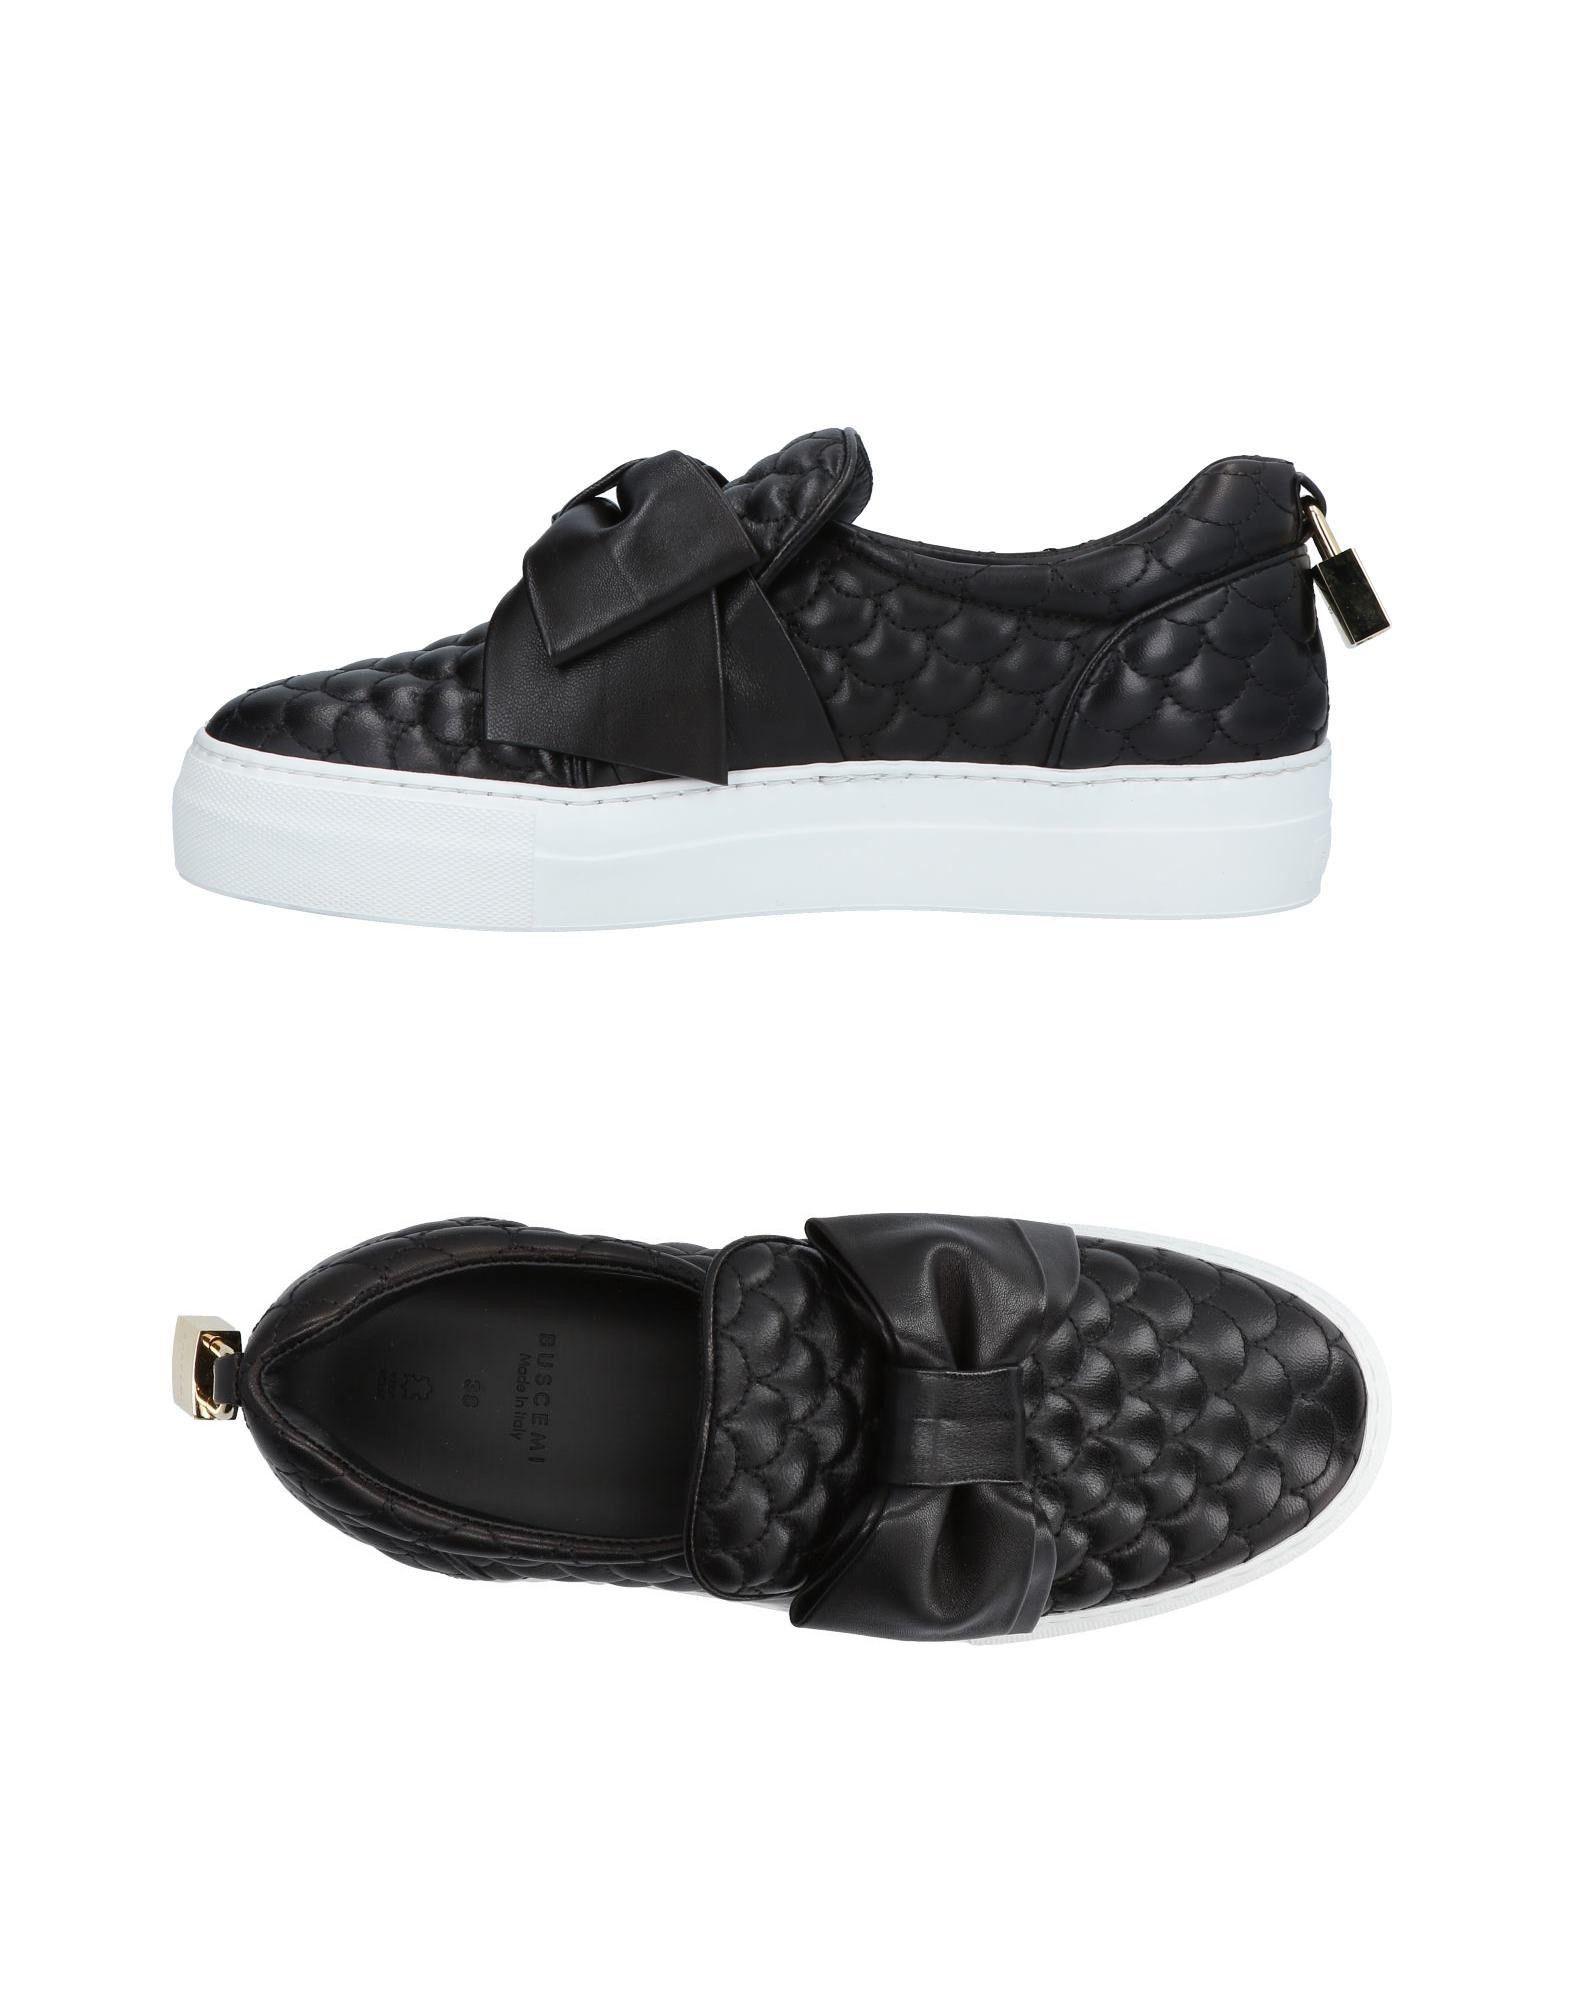 Recortes de precios descuento estacionales, beneficios de descuento precios Zapatillas Buscemi Mujer - Zapatillas Buscemi  Negro 244e3b